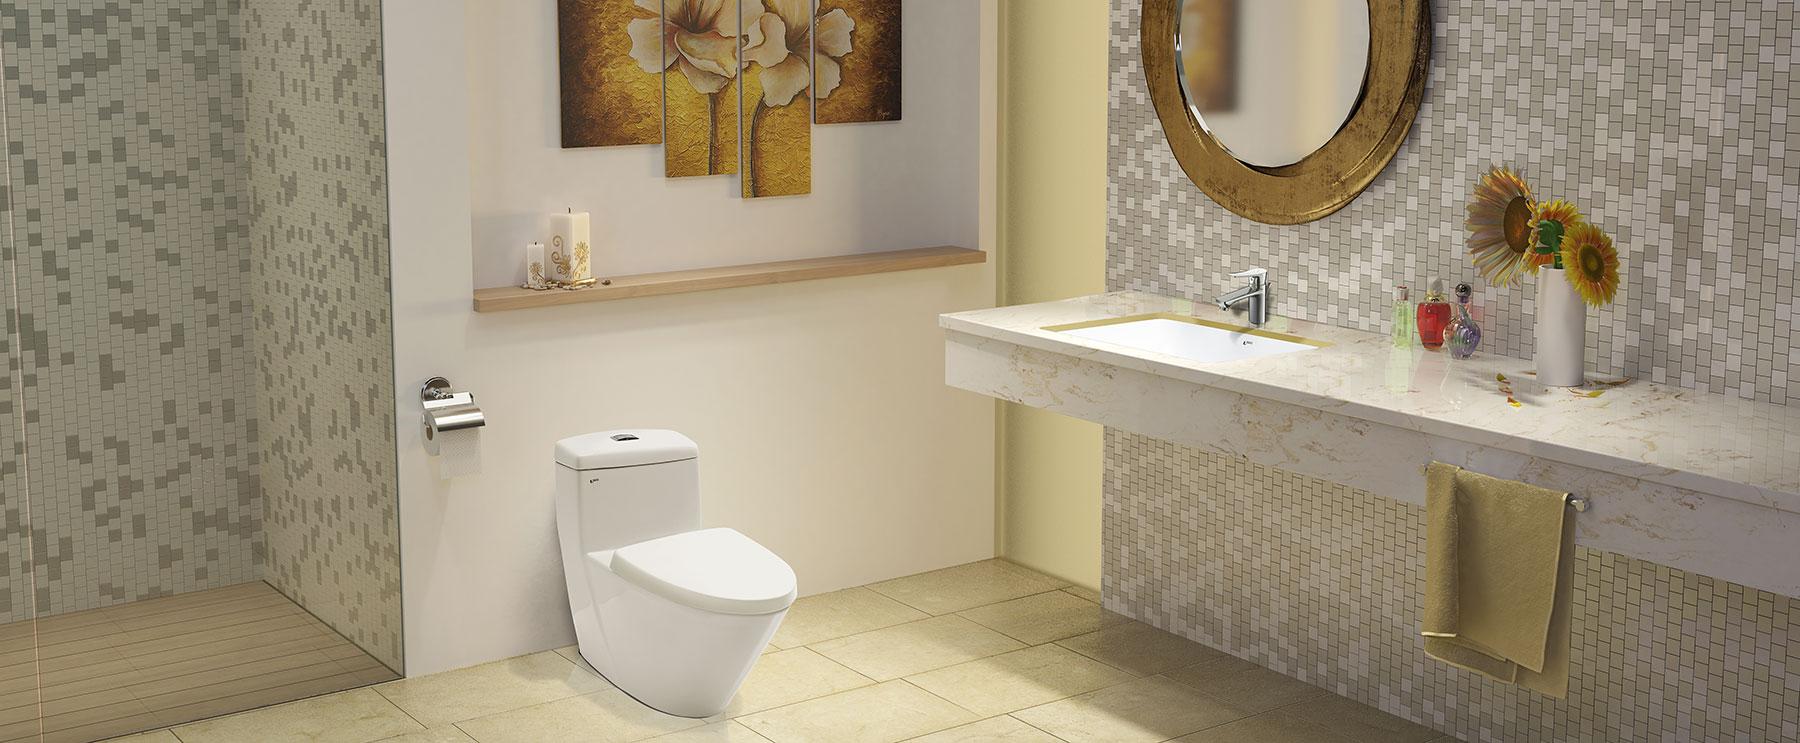 Giải đáp thắc mắc thiết bị vệ sinh giá rẻ tại Hà Nội có tốt không?